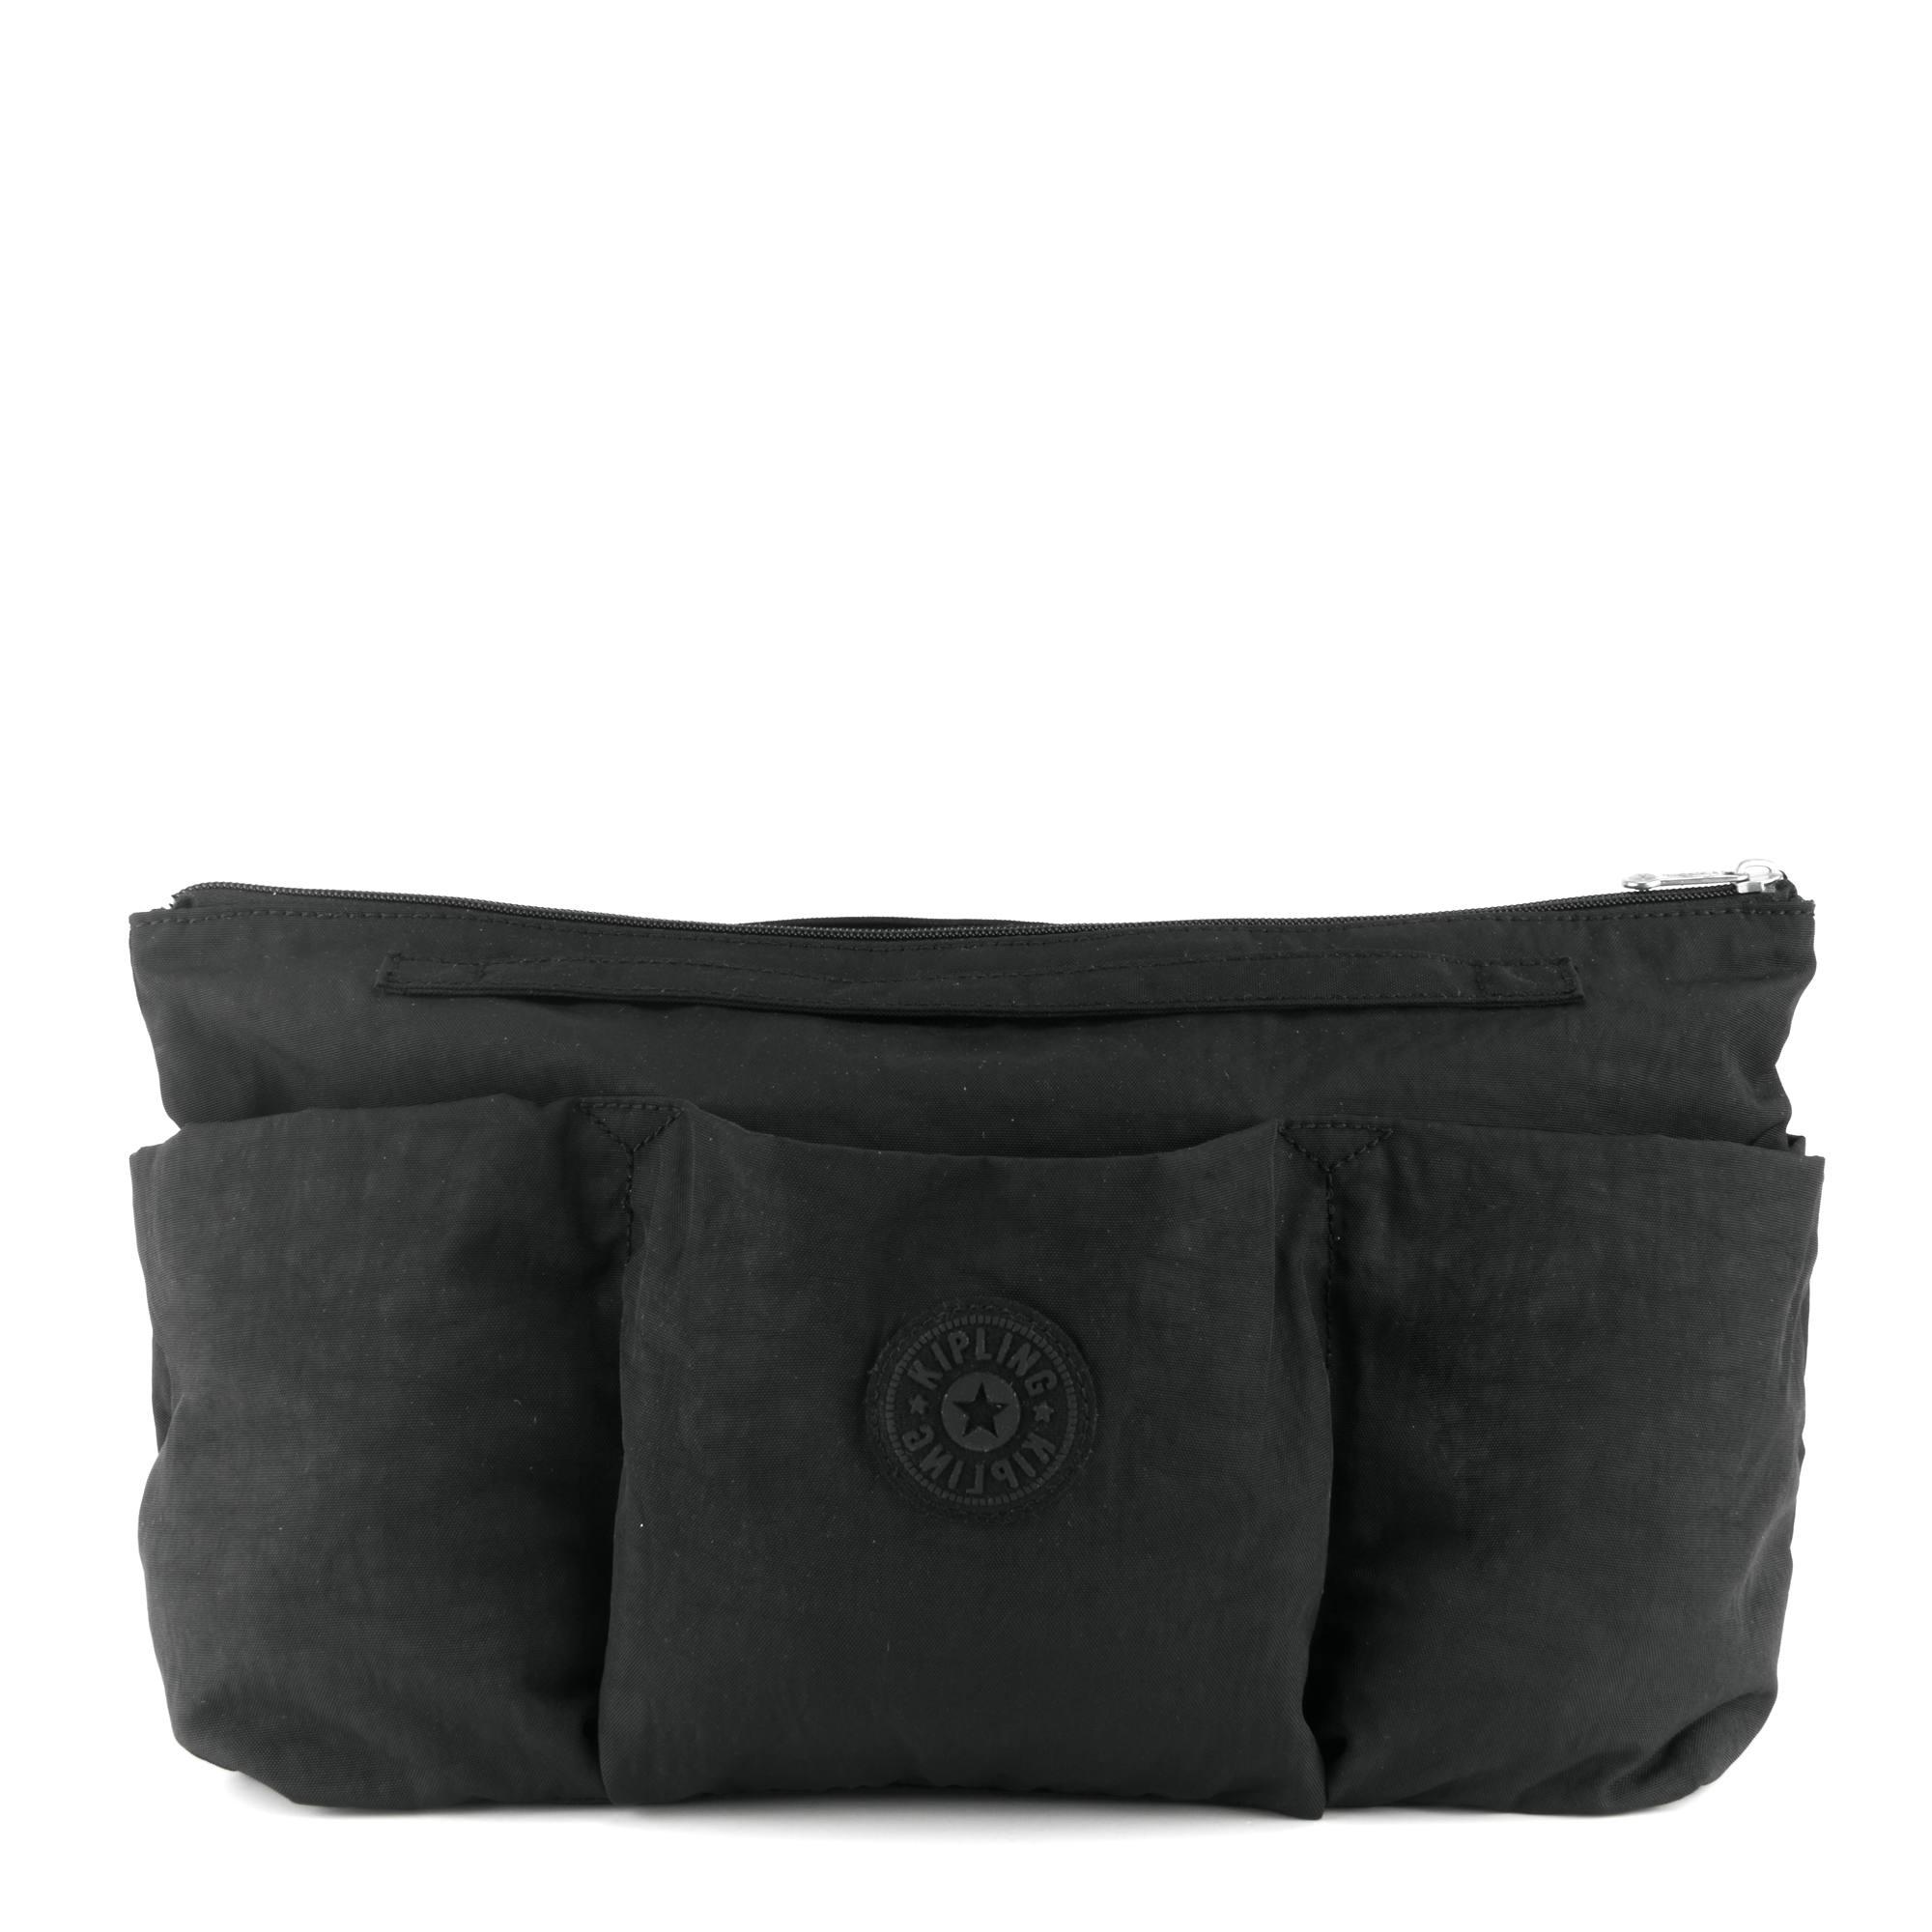 Beckett Handbag Organizer Kipling